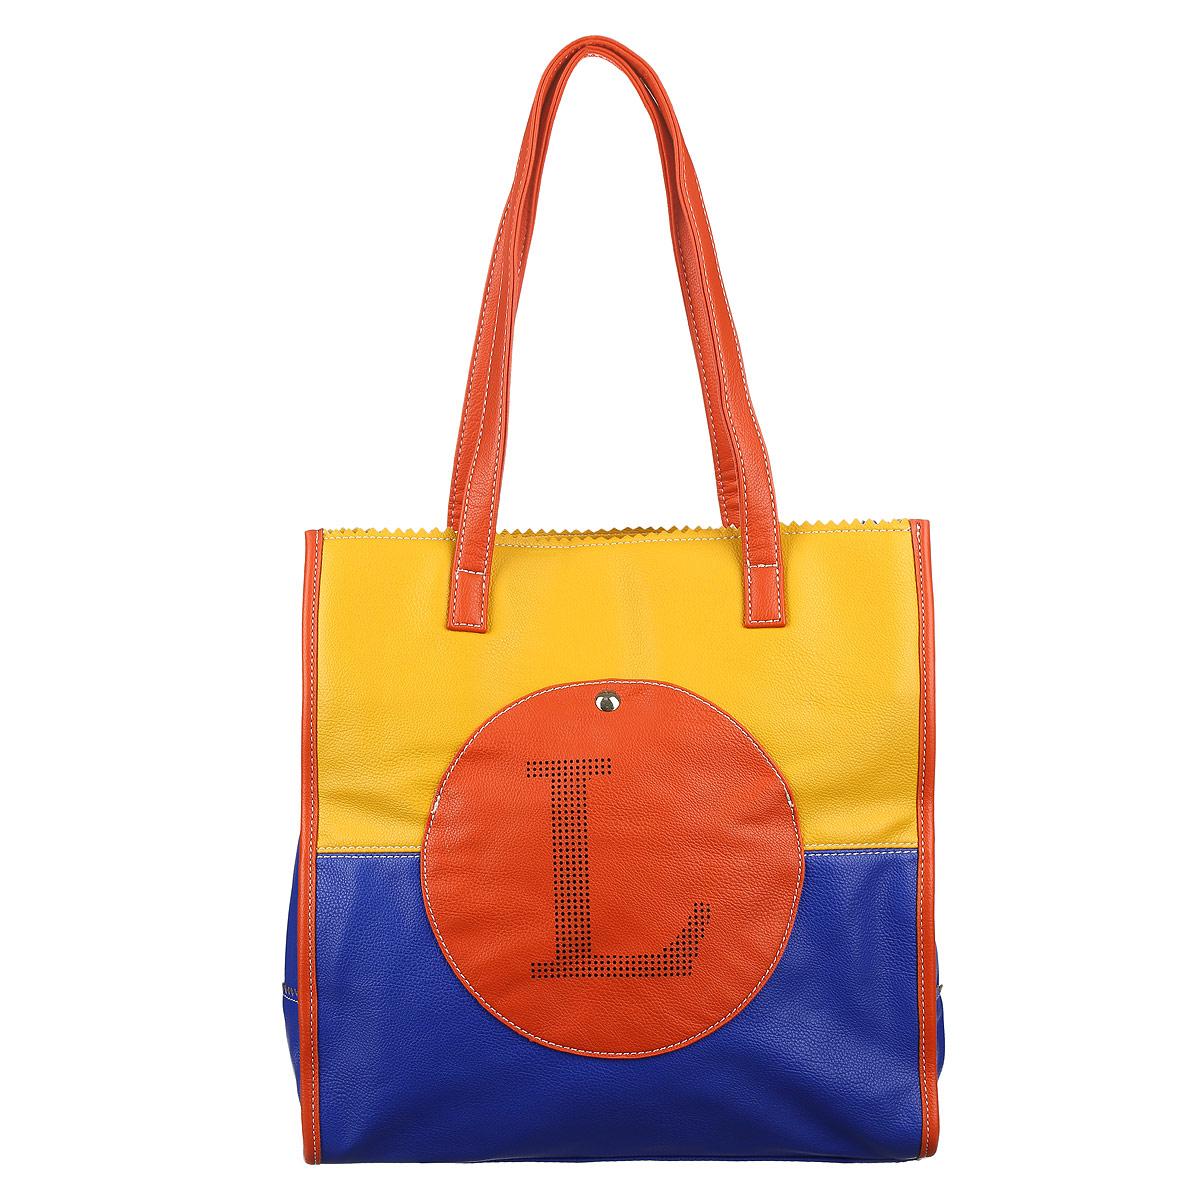 Сумка женская Leighton, цвет: оранжевый, синий, желтый. 560070-L-1070/708/1070/83560070-L-1070/708/1070/83Оригинальная женская сумка Leighton с зубчатой окантовкой выполнена из высококачественной искусственной кожи в контрастных цветах и оформлена перфорацией в виде логотипа бренда и декоративной металлической кнопкой на лицевой стороне. Изделие закрывается на застежку-молнию. Внутри одно отделение, разделенное карманом-средником на застежке-молнии, также есть два накладных кармашка для мелочей и мобильного телефона и врезной карман на застежке-молнии. На обратной стороне сумки расположен врезной карман на молнии. Сумка оснащена двумя ручками. В комплект с сумкой входит съемный плечевой ремень регулируемой длины. Сумка Leighton - это стильный аксессуар, который подчеркнет вашу индивидуальность и сделает ваш образ завершенным. Классическое цветовое сочетание, стильный декор, модный дизайн - прекрасное дополнение к гардеробу модницы.